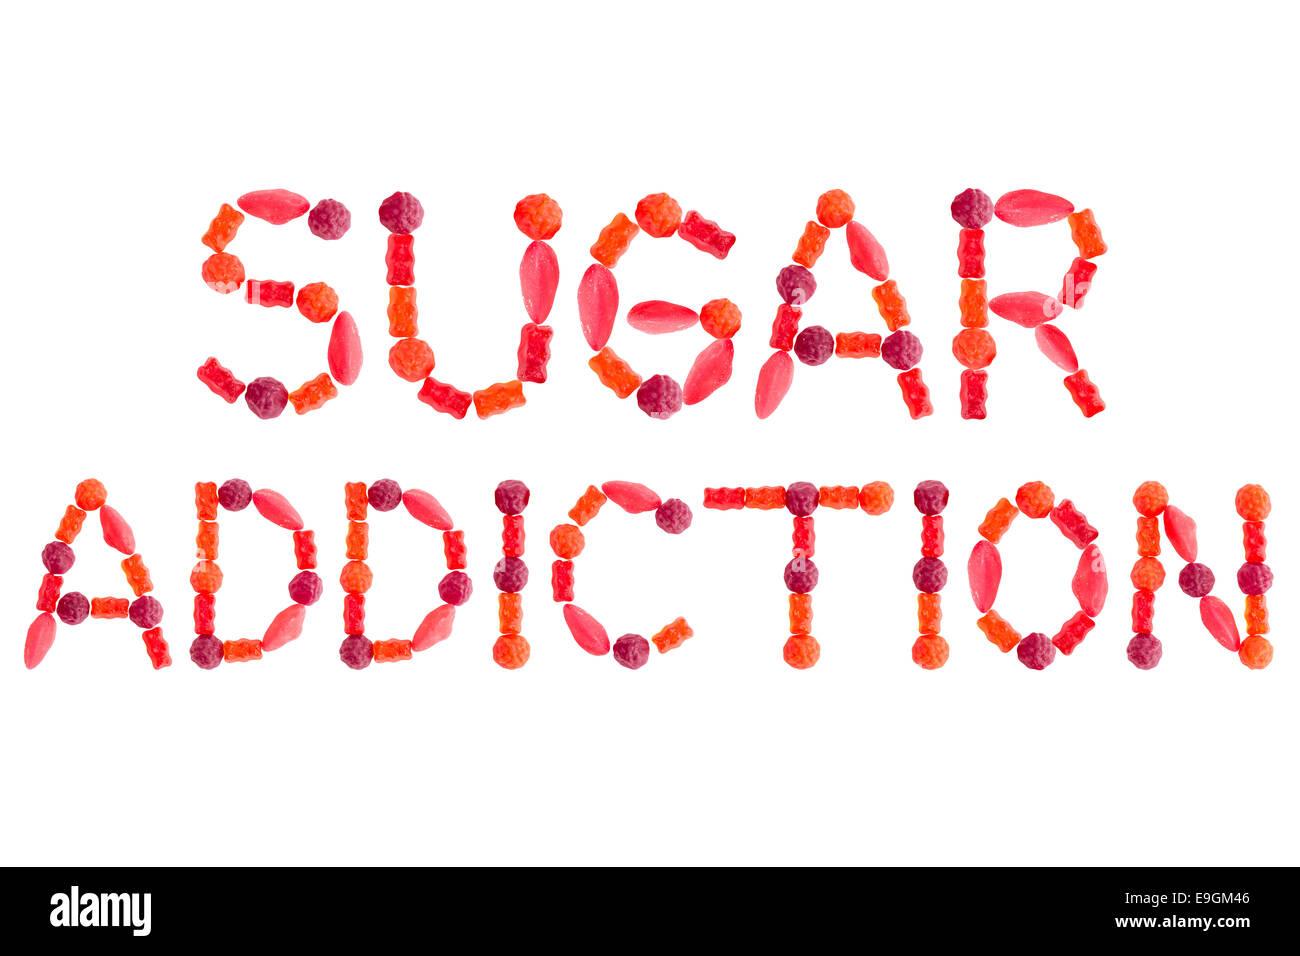 Parole DIPENDENZA DA ZUCCHERO fatta di rosso caramelle zuccherine, isolato su sfondo bianco Immagini Stock